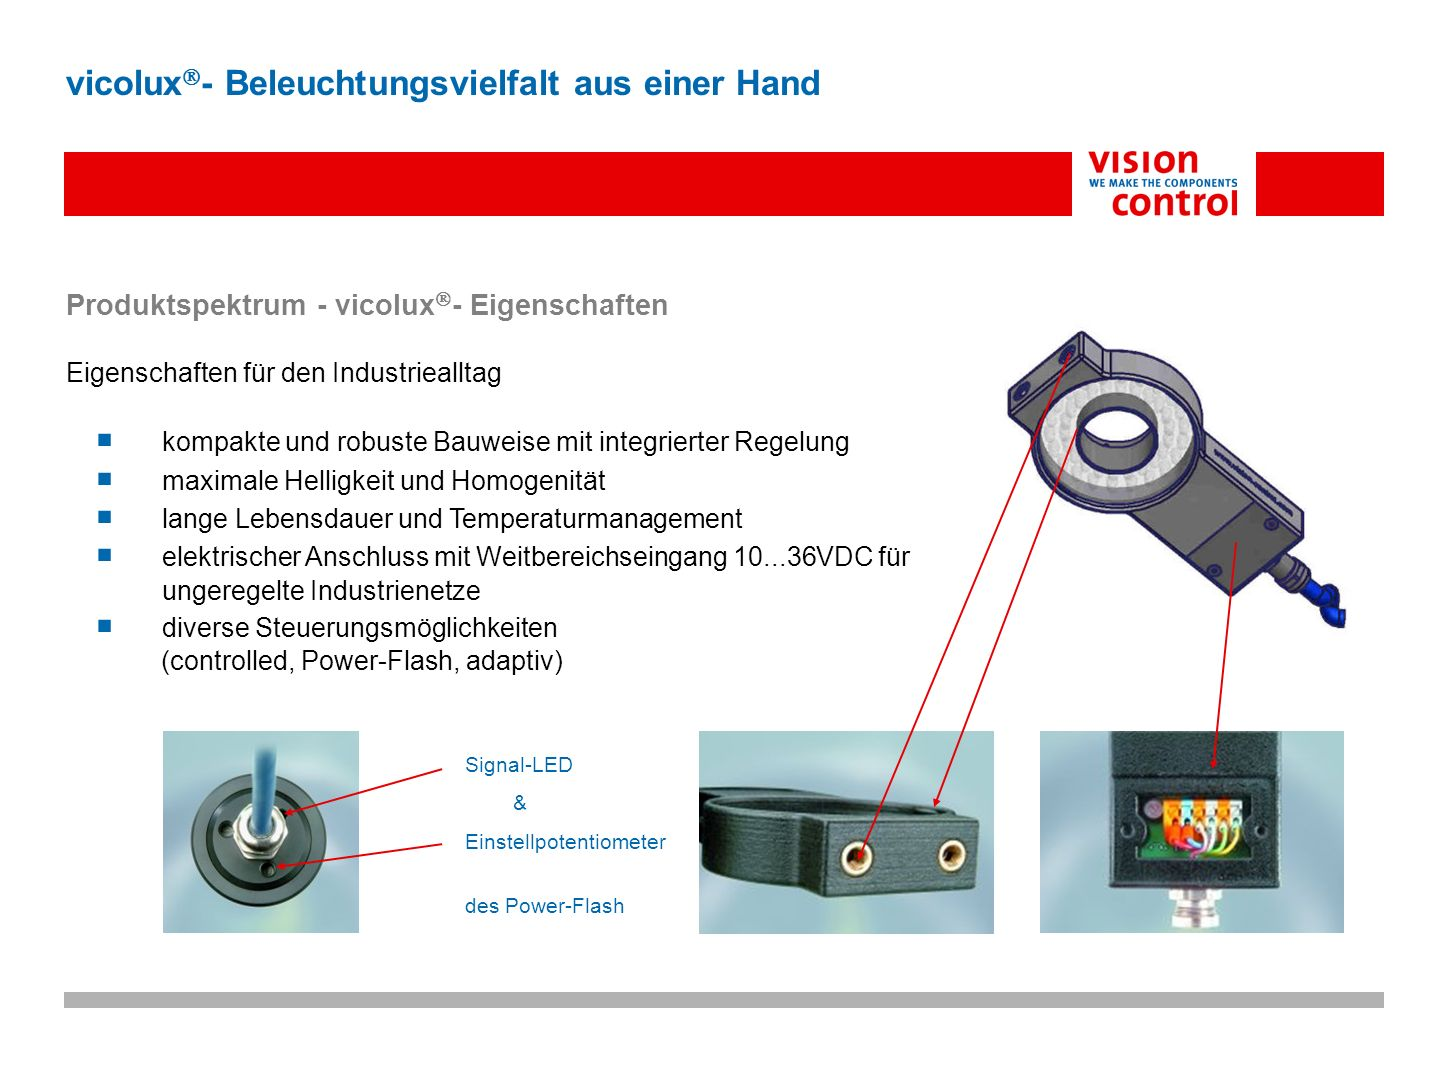 Spektrum – vicolux - Steuerungen Controlled – Standard 10-36VDC Betriebsspannung ab 10µs schaltbar mit SPS-Pegel (optoentkoppelt) Helligkeitssteuerung mit Potentiometer und 0-10V (optoentkoppelt) Power Flash 10-36VDC Betriebsspannung 0,5µs – 100µs Power Flash durch Potentiometereinstellung Triggerflanke über TTL/SPS-Pegel (optoentkoppelt, max.